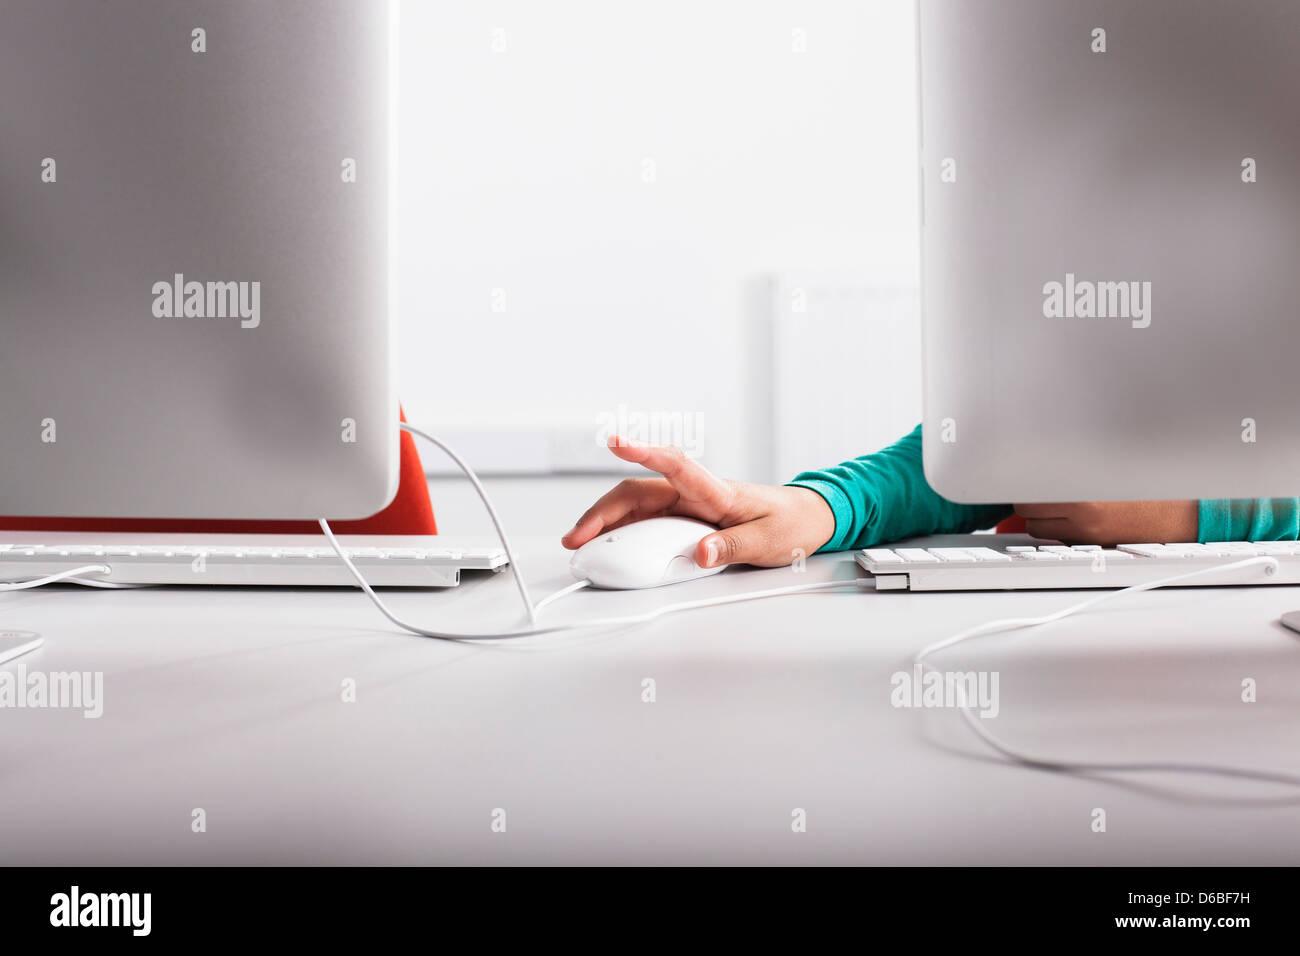 Chica utilizando equipo de escritorio Imagen De Stock